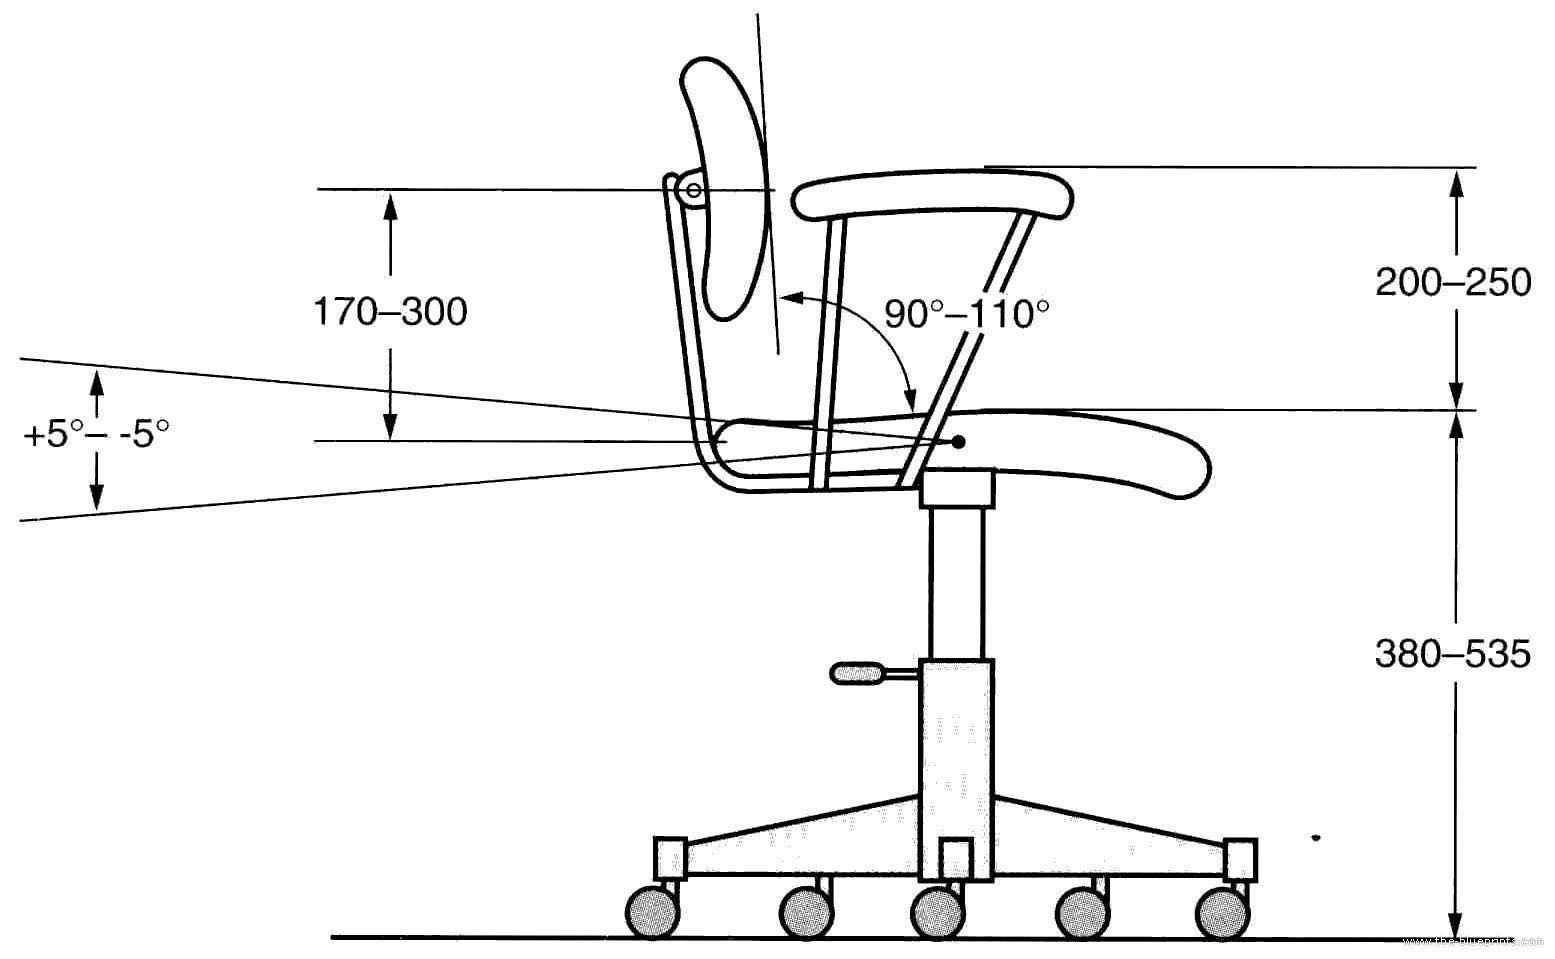 The-Blueprints.com - Blueprints > Miscellaneous > Furniture ...